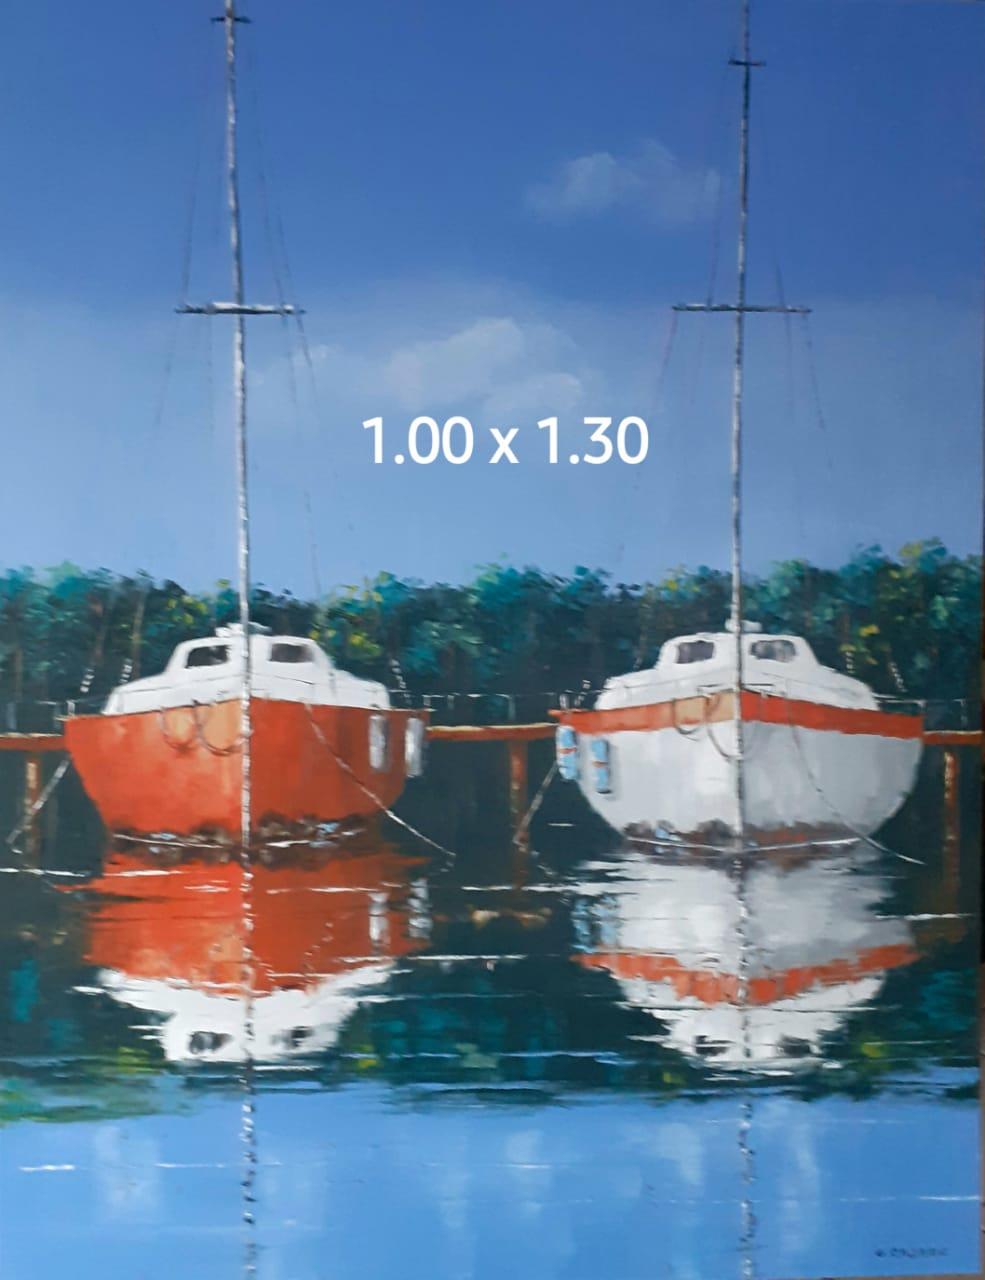 rio-buranhem-016-100-x-1-30